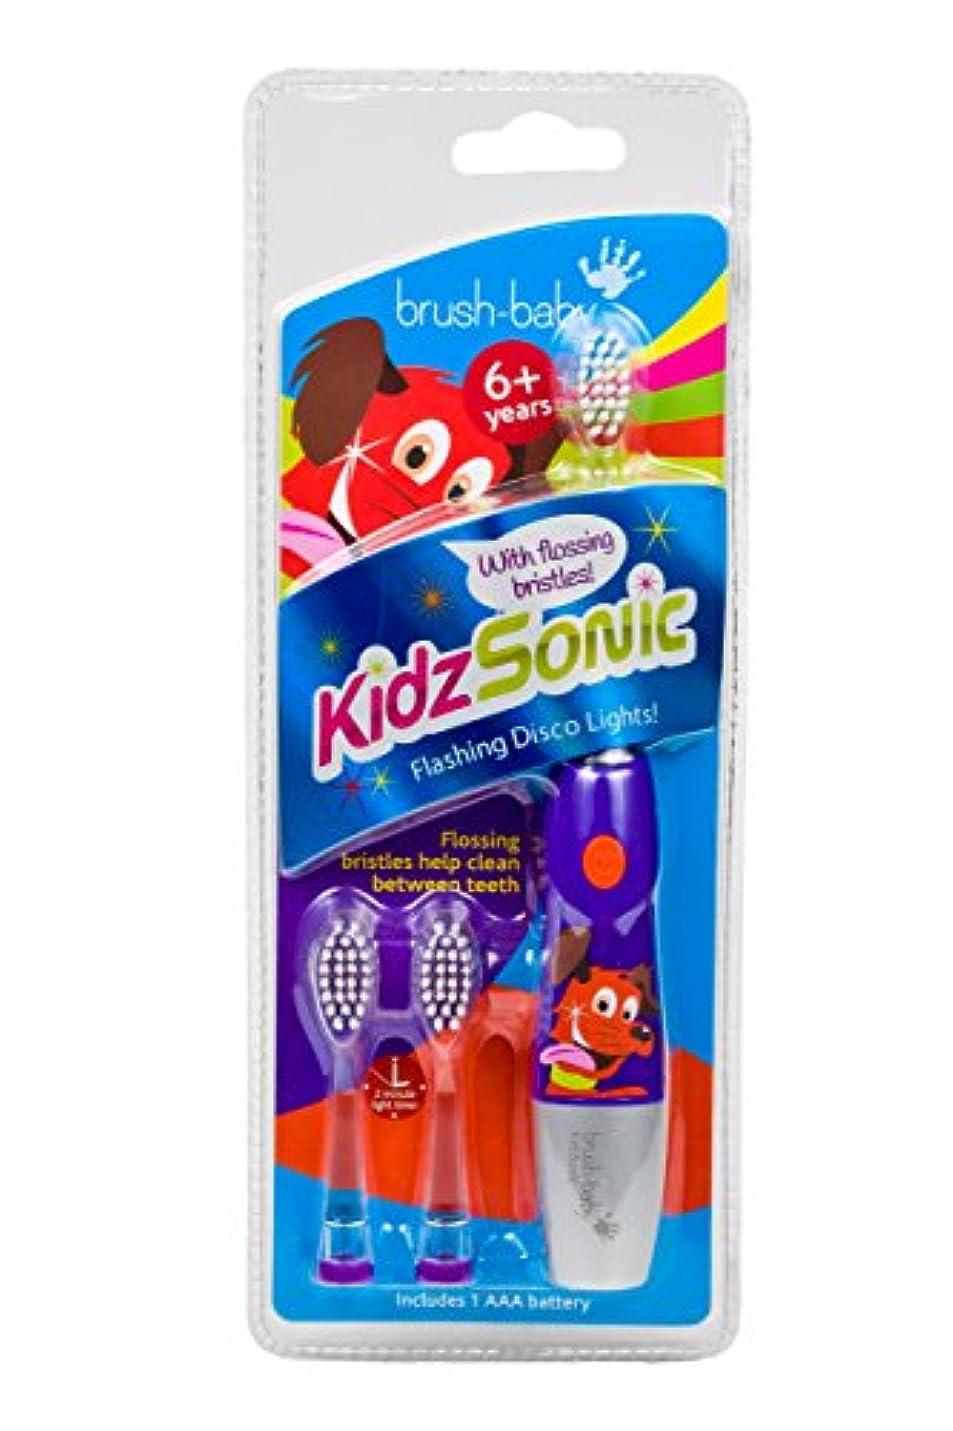 処理とげのある挑発するBrush-Baby KidzSonic Electric Toothbrush 6+ years with flashing disco lights PURPLE - ブラシ - ベイビーKidzSonic電動歯ブラシ...